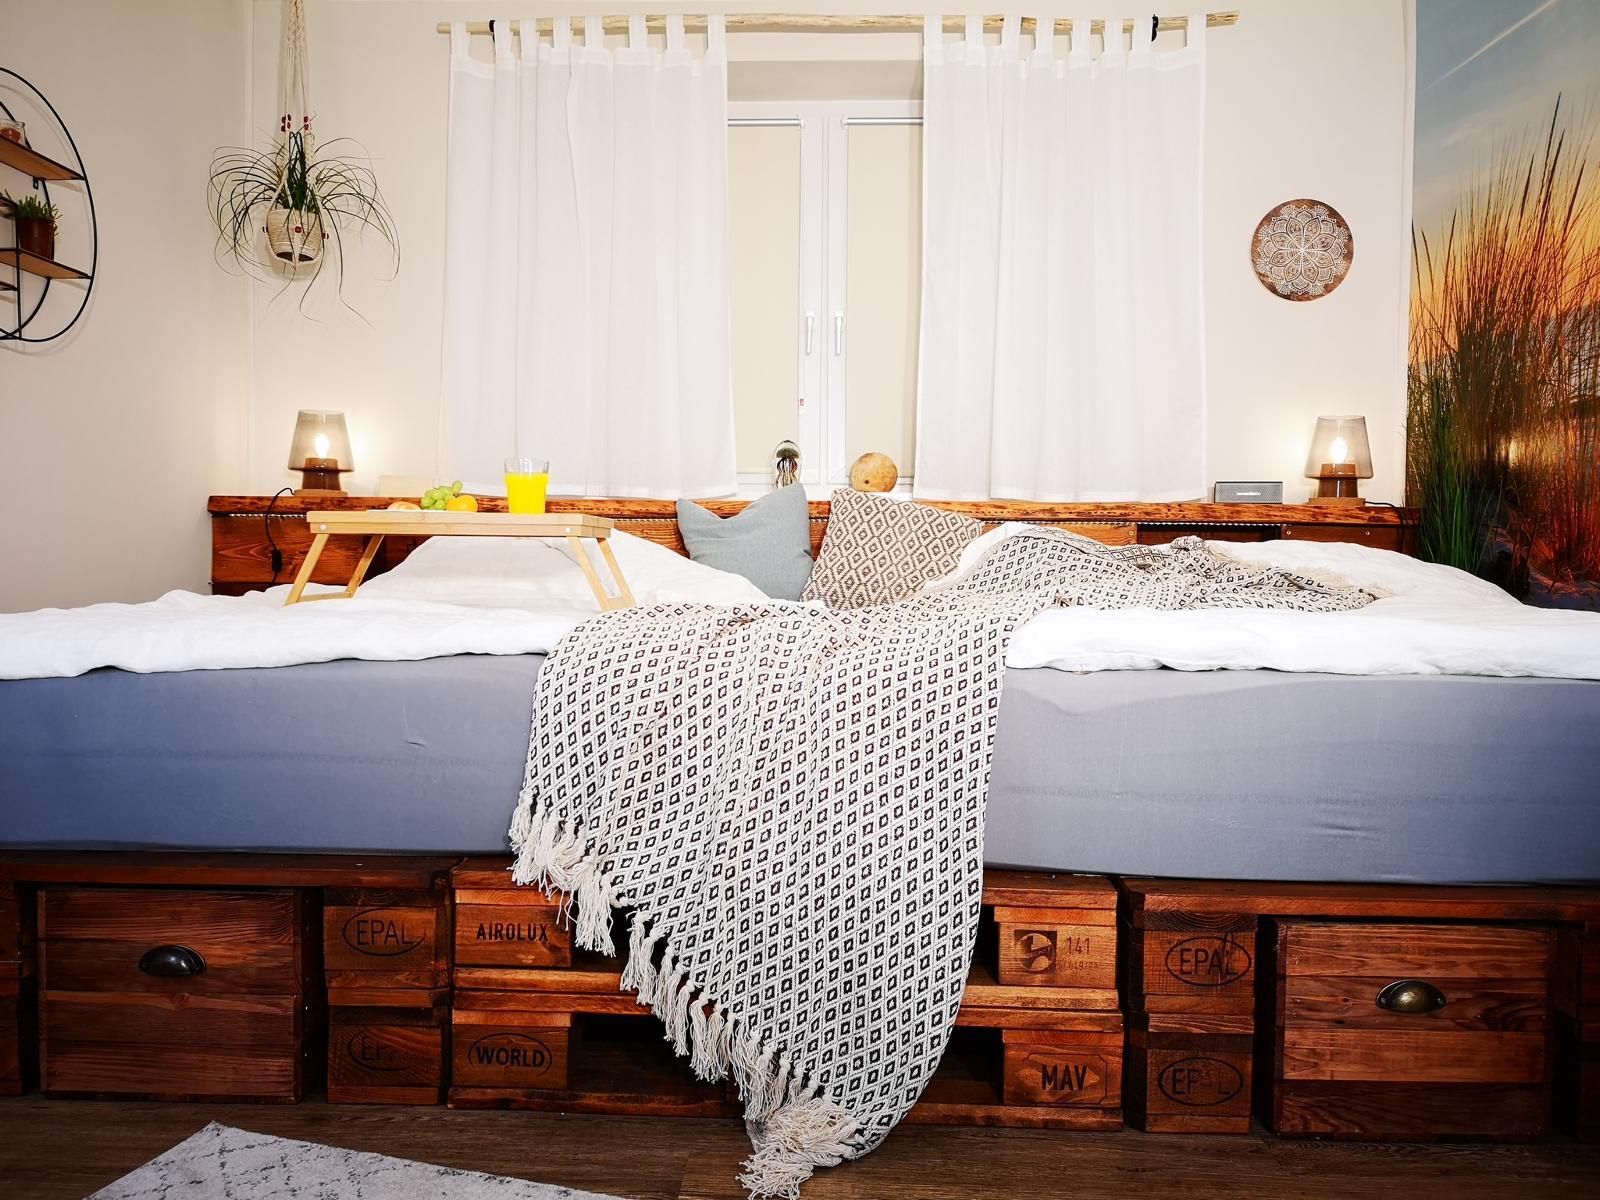 Palettenbett-Europaletten-Bett-Familienbett-aus-Paletten